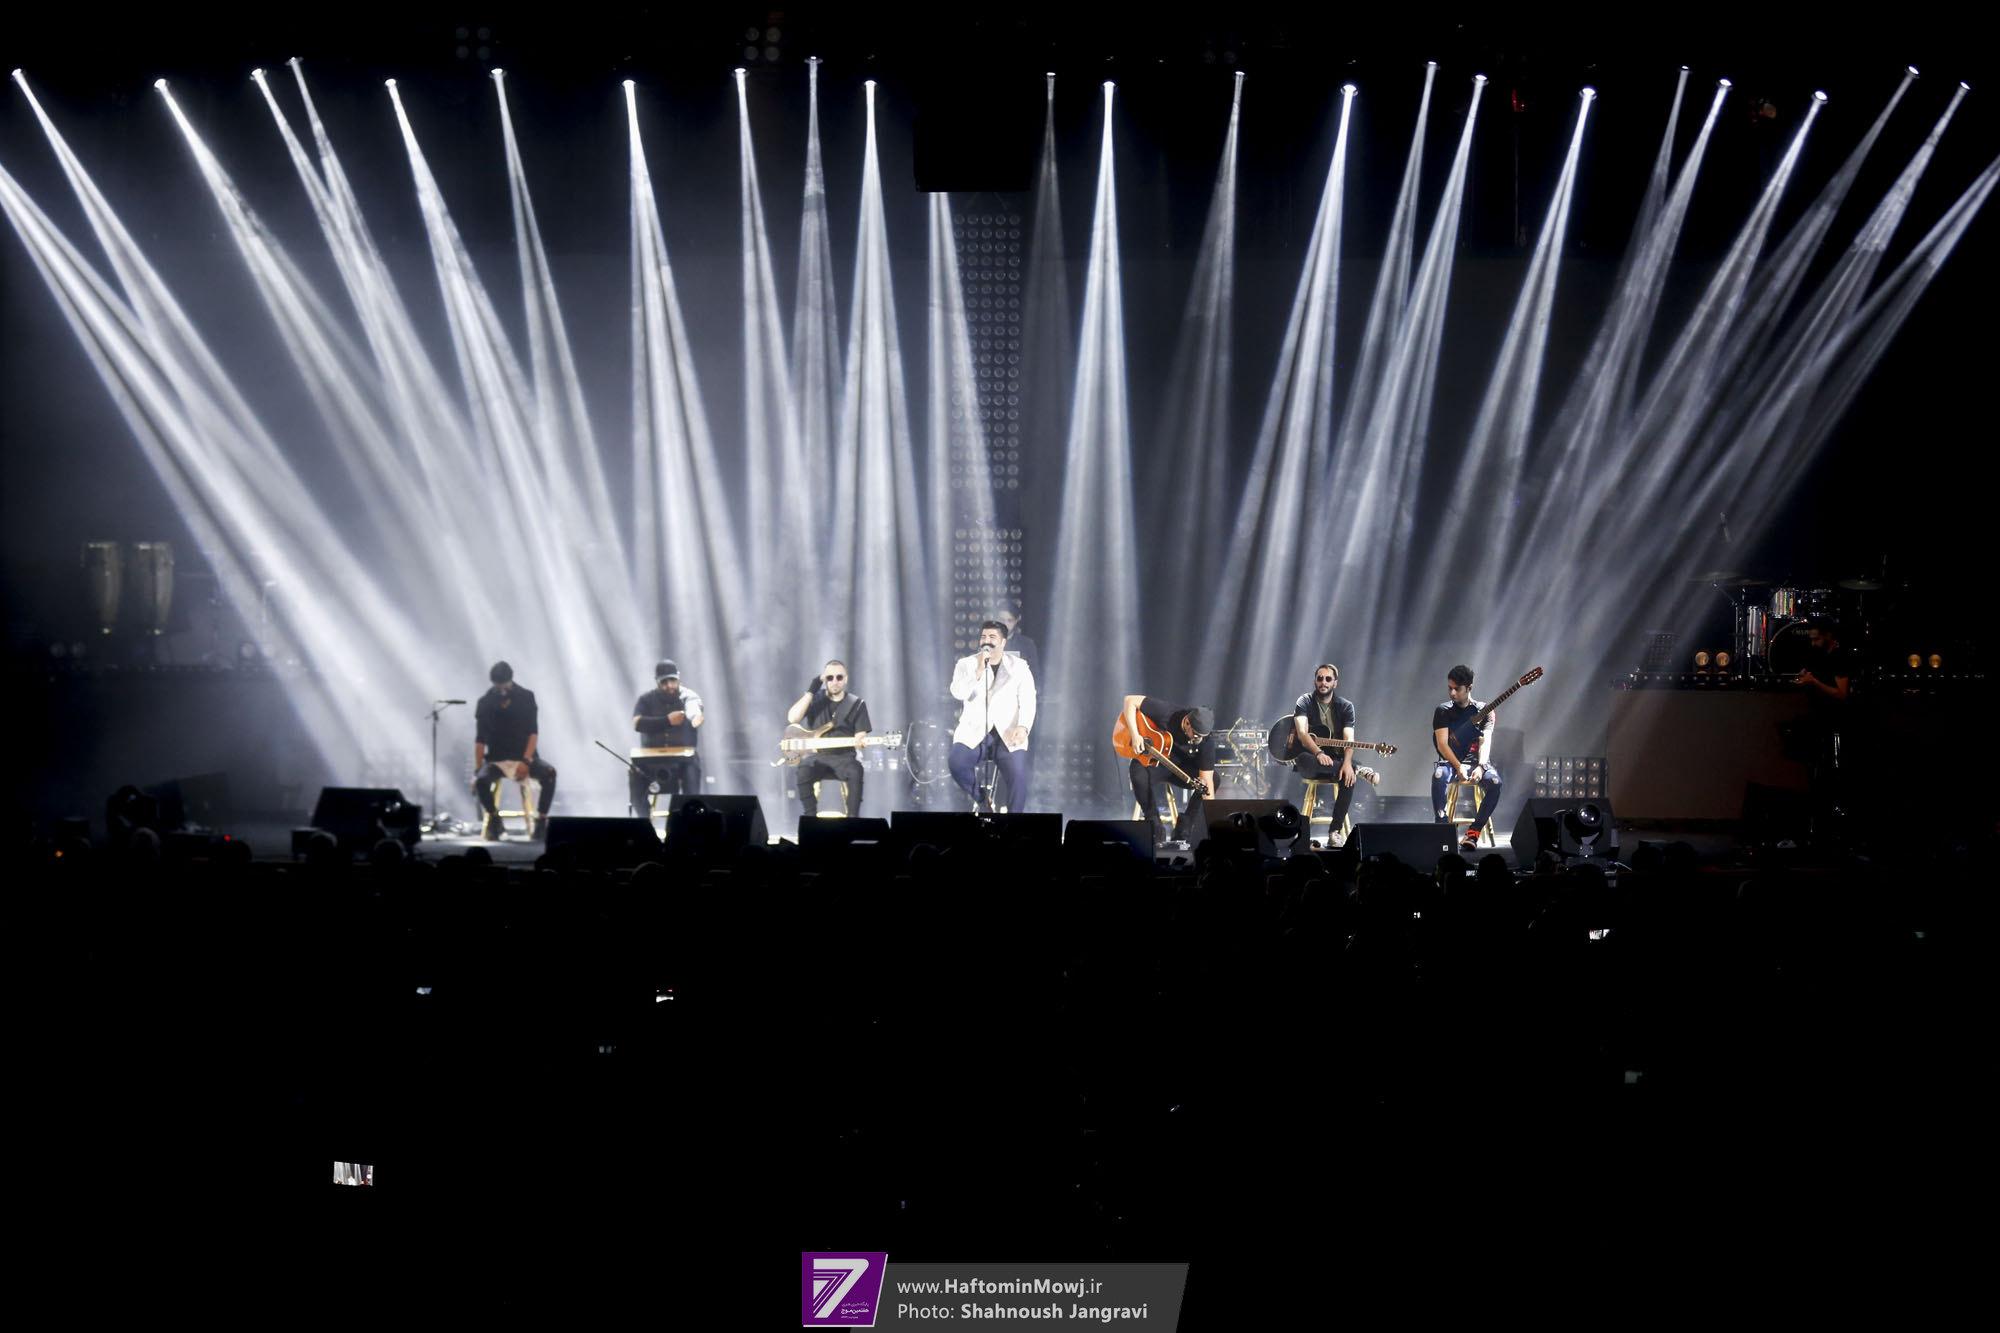 کنسرت بهنام بانی ۱۲ اردیبهشت سالن میلاد نمایشگاه برگزار شد